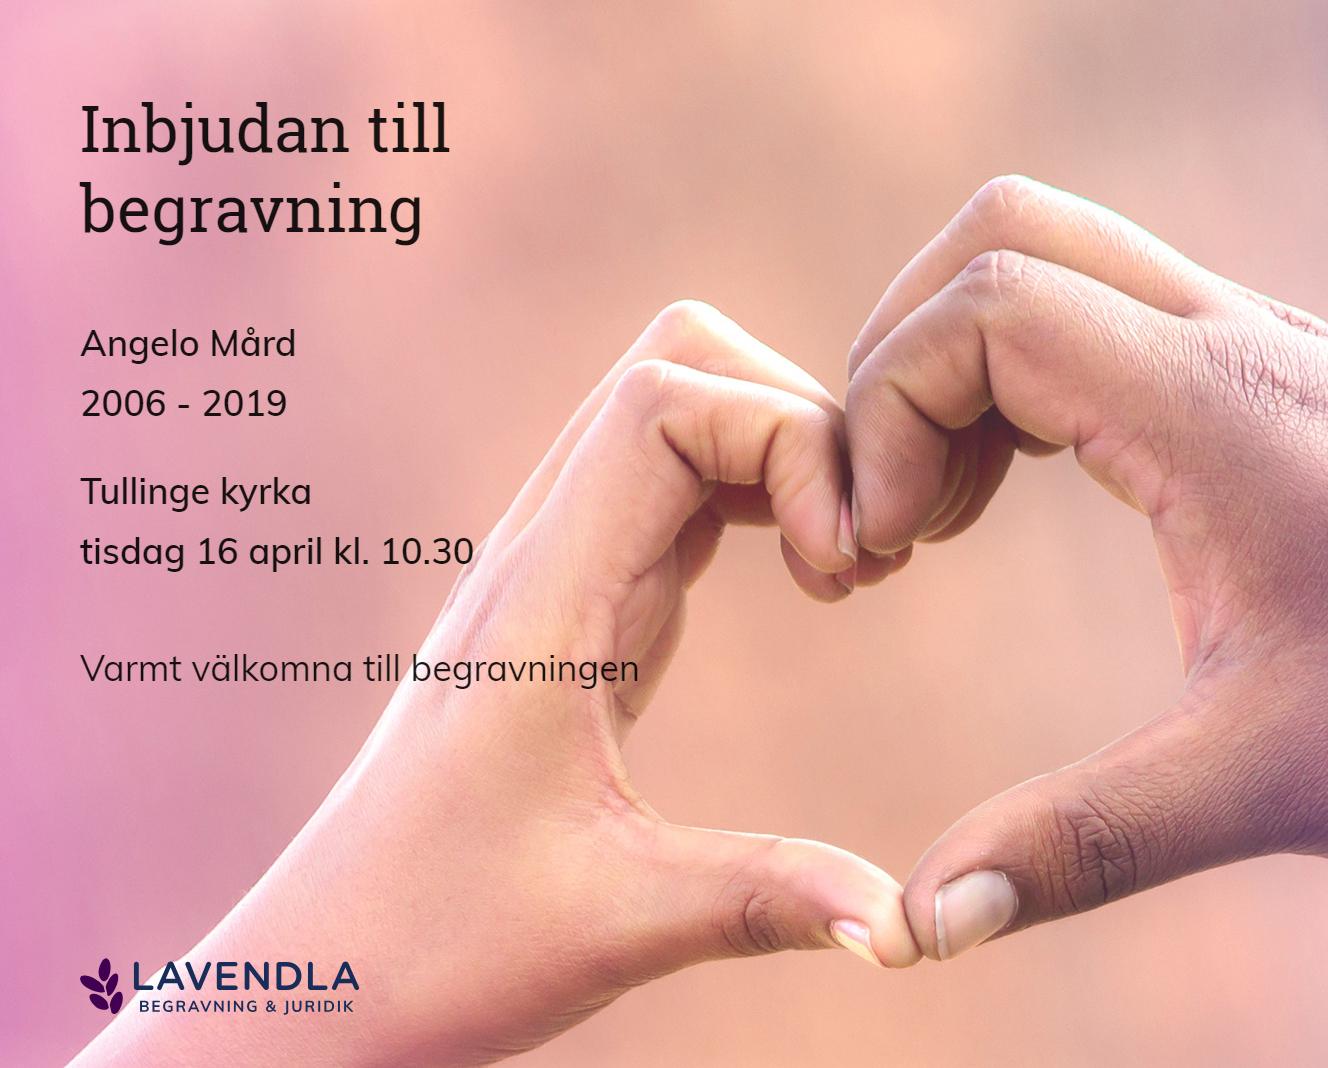 Inbjudningskort till ceremonin för Angelo Mård